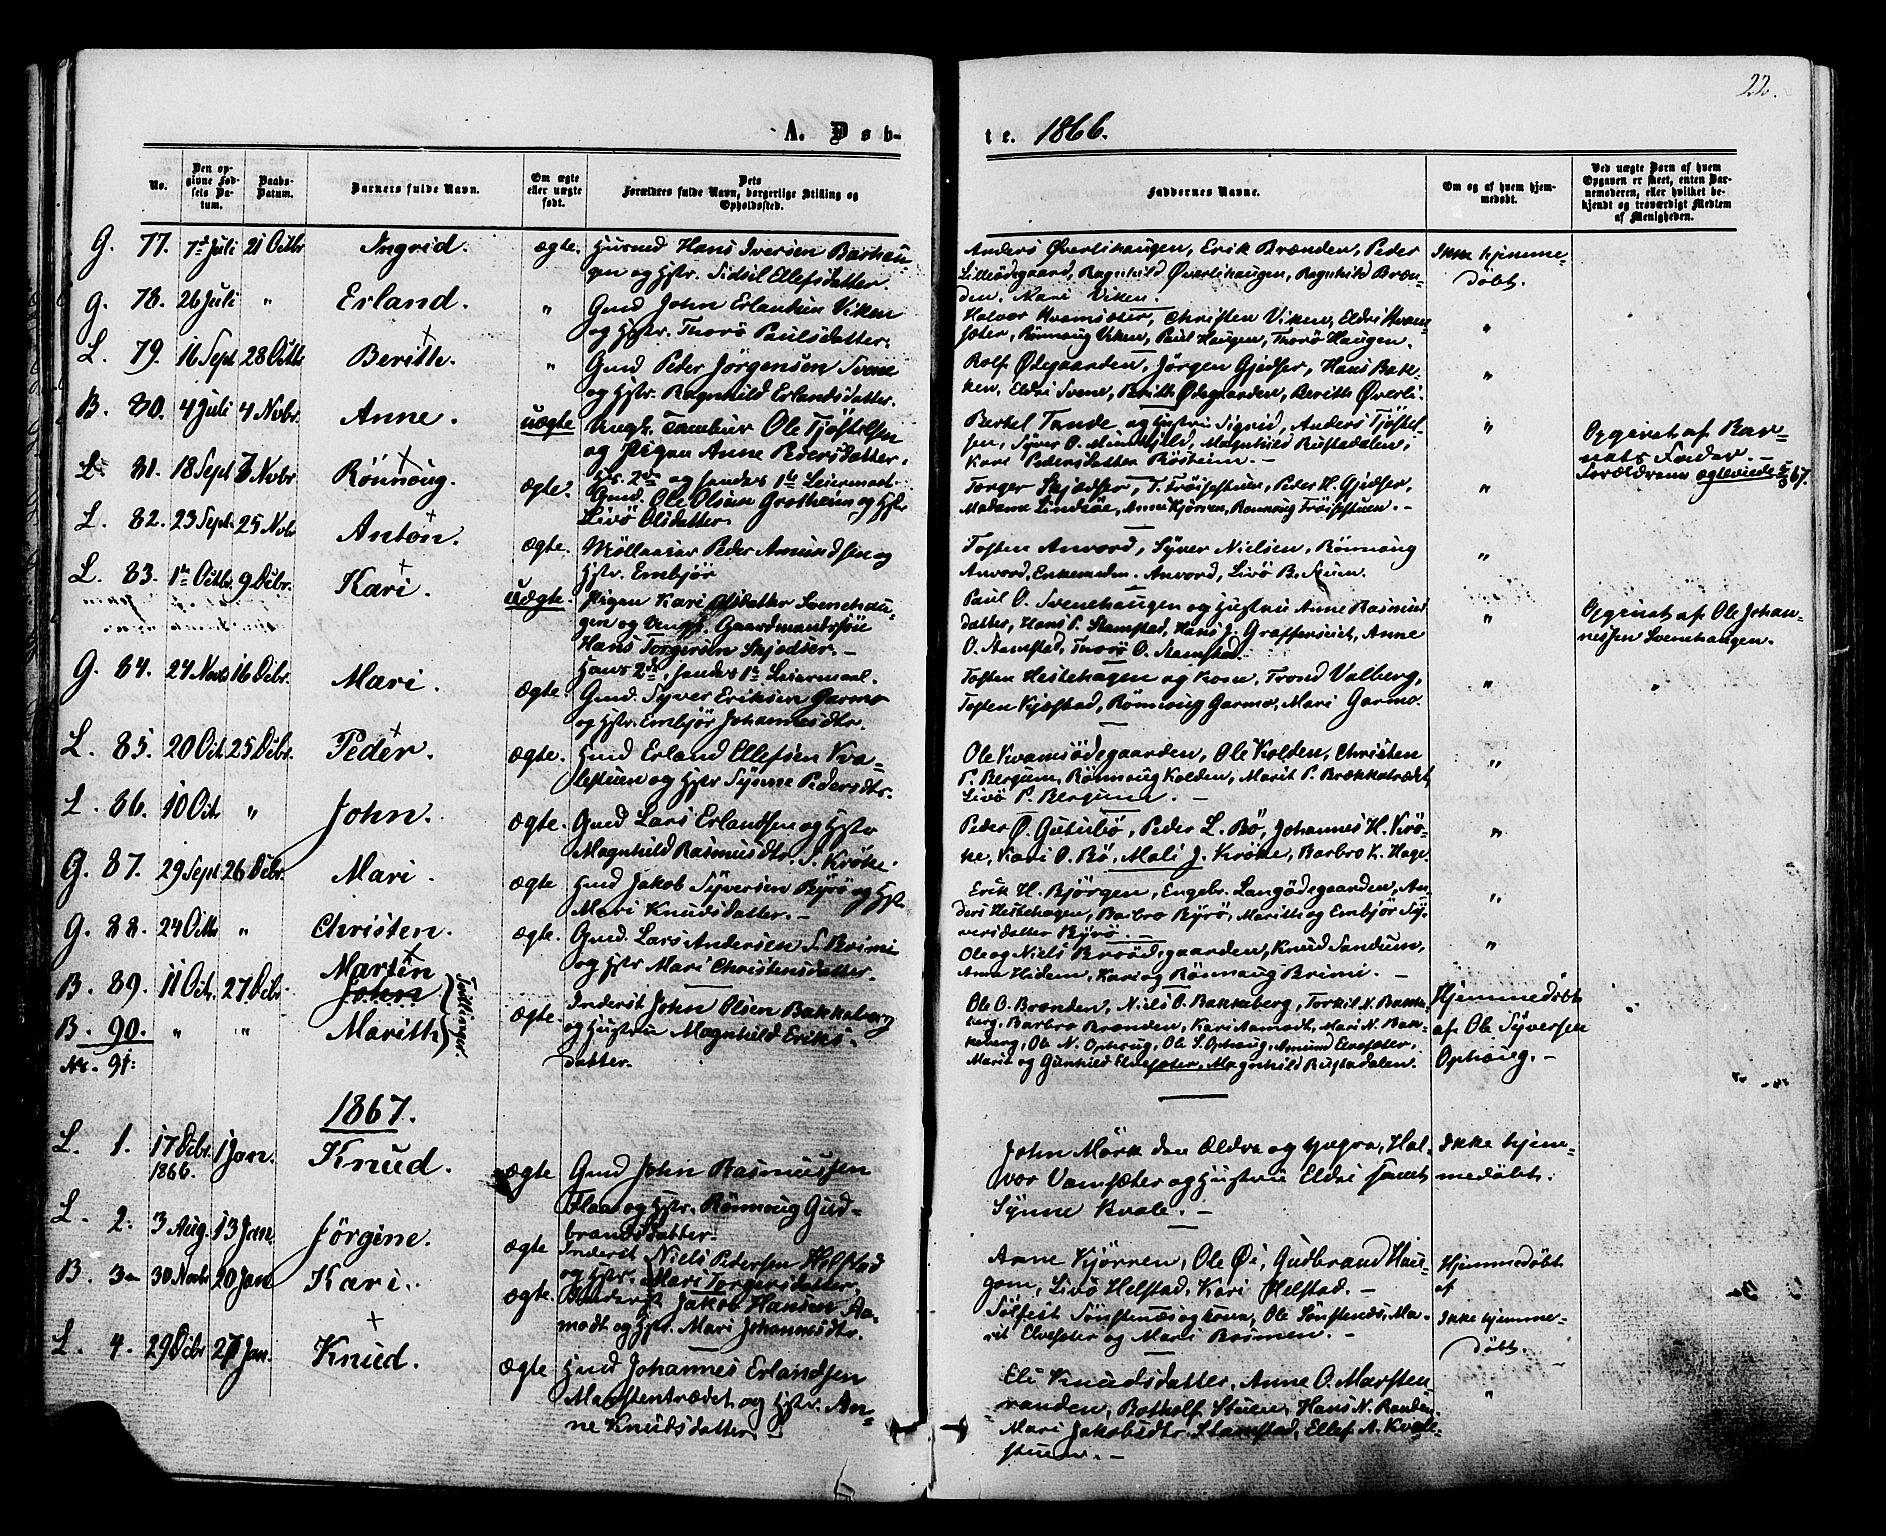 SAH, Lom prestekontor, K/L0007: Ministerialbok nr. 7, 1863-1884, s. 22